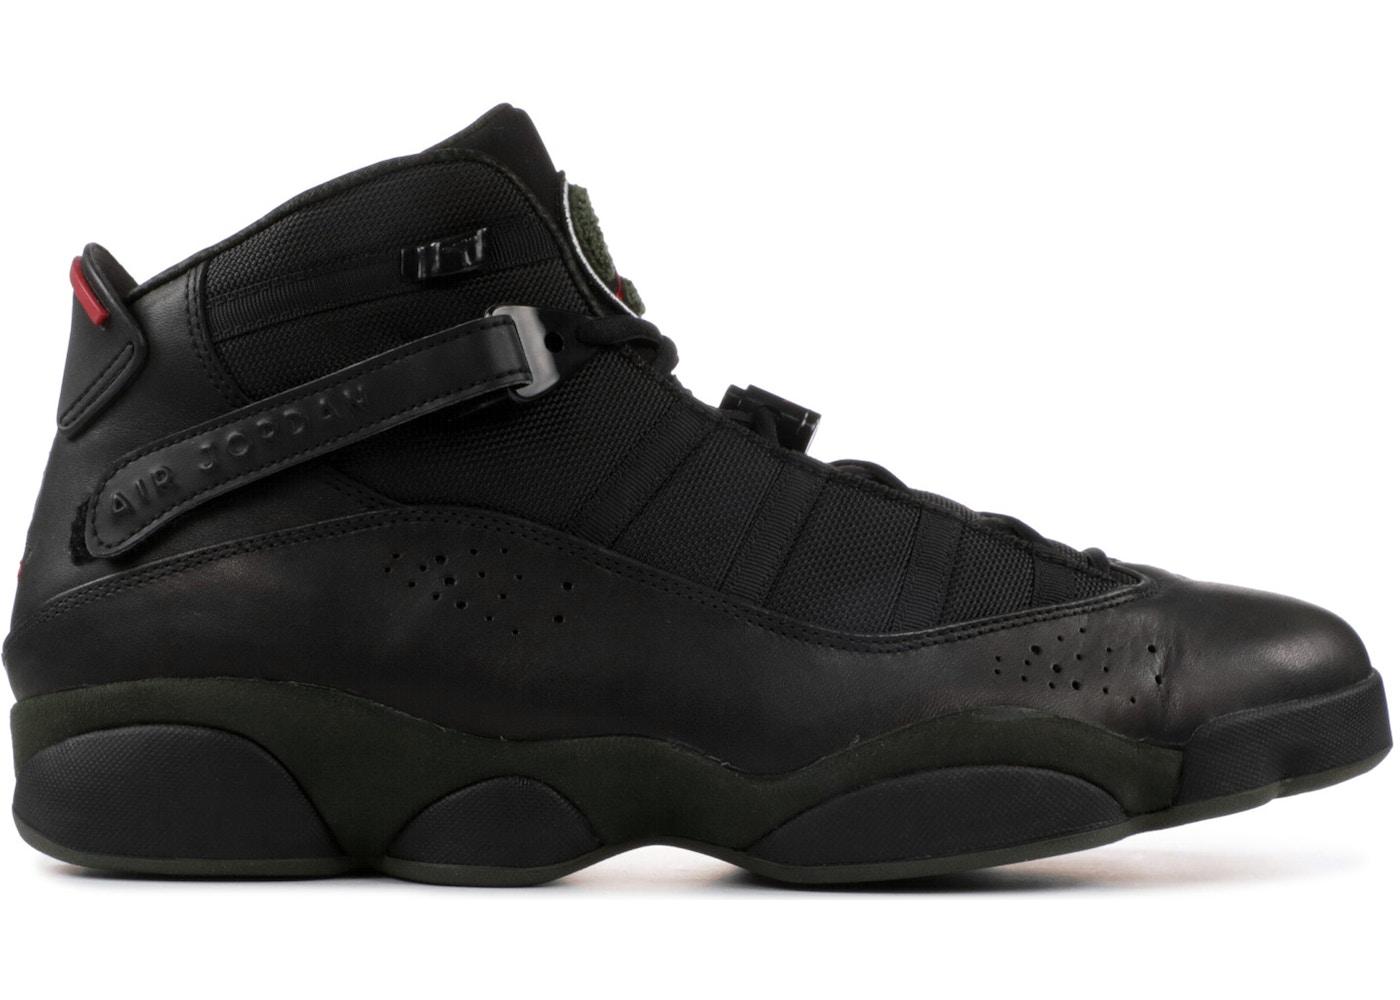 Jordan 6 Rings LS Black Dark Army - 332157-011 7e60e3e558a9